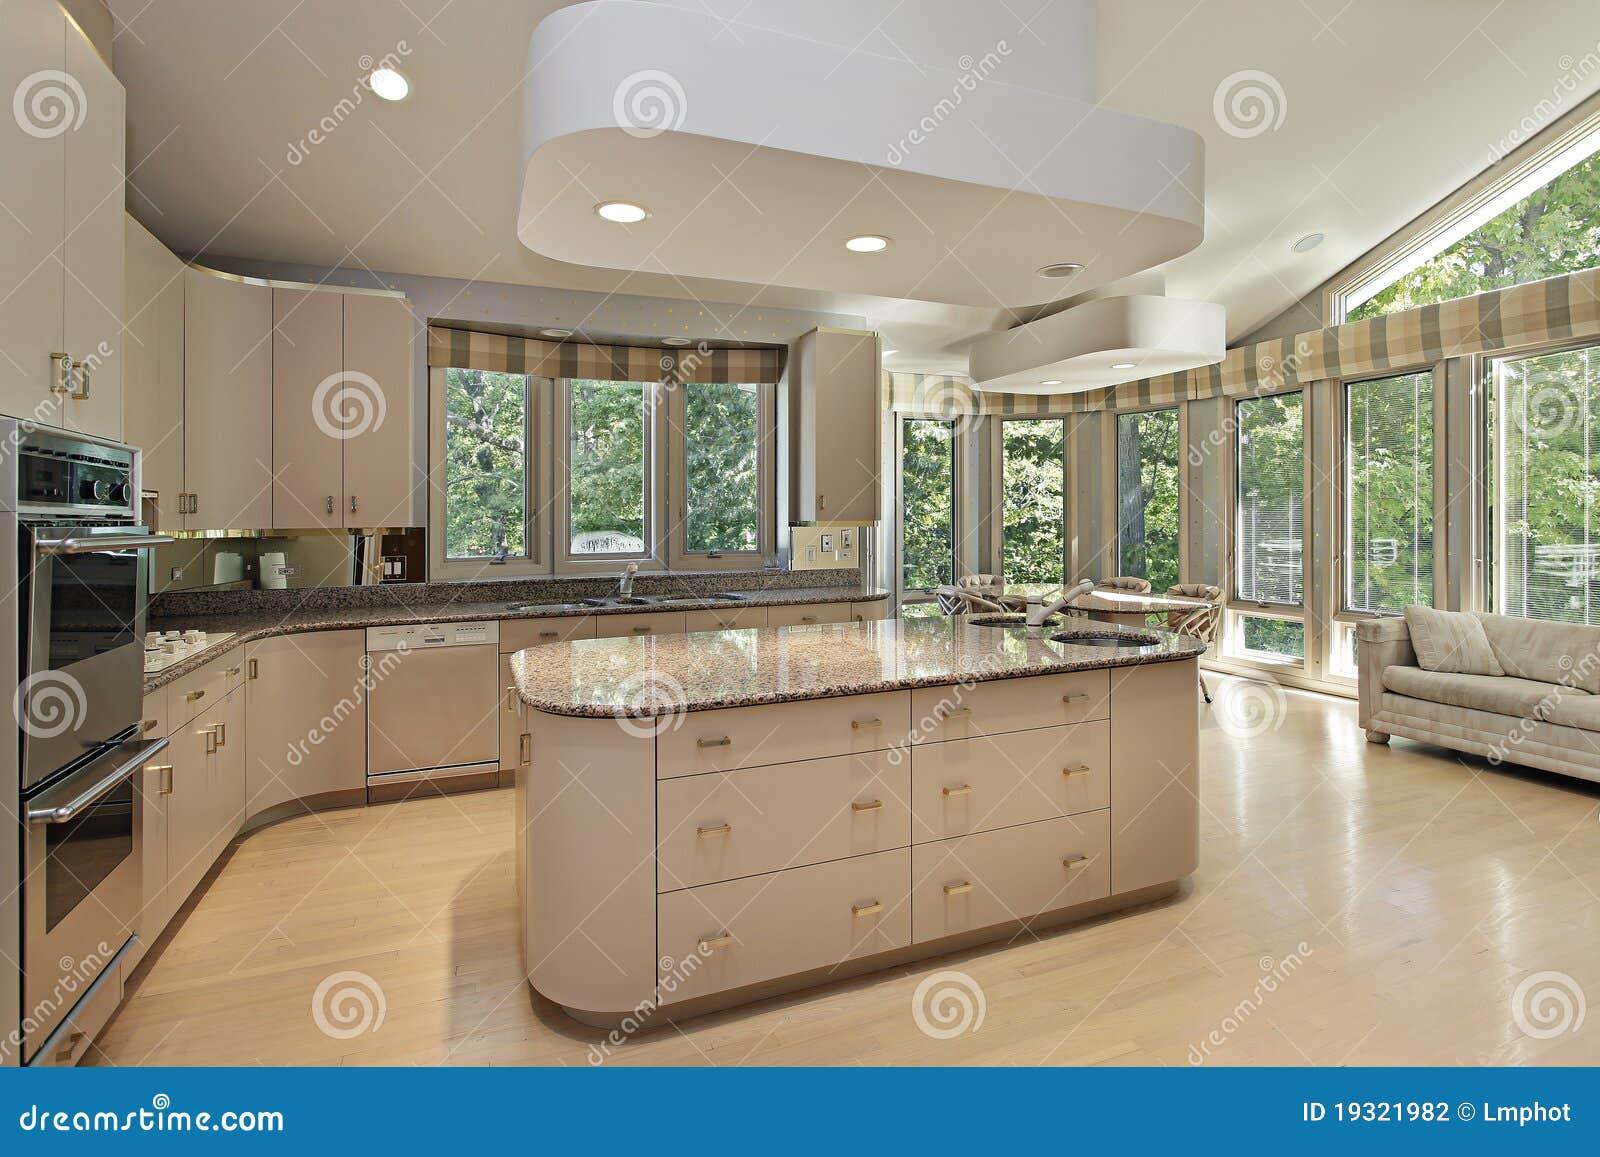 Große Küche Mit Mittelinsel Stockfoto - Bild von beleuchtung ...